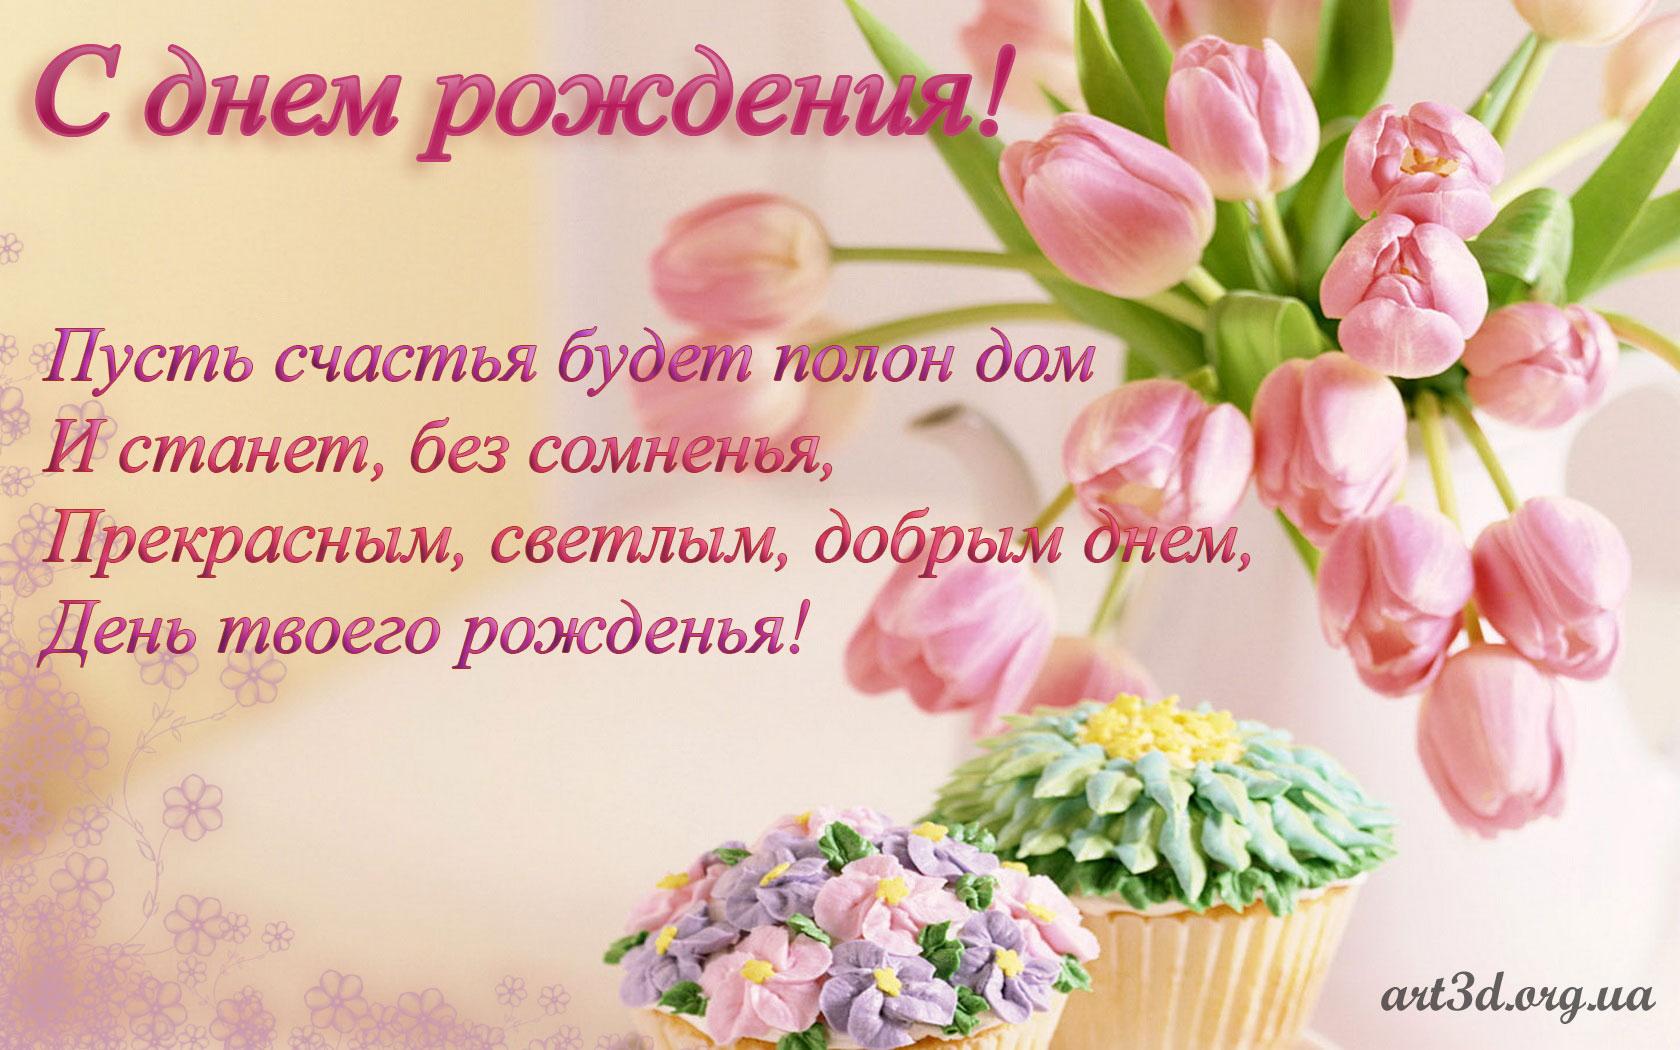 E для поздравления с днем рожденья или рождения